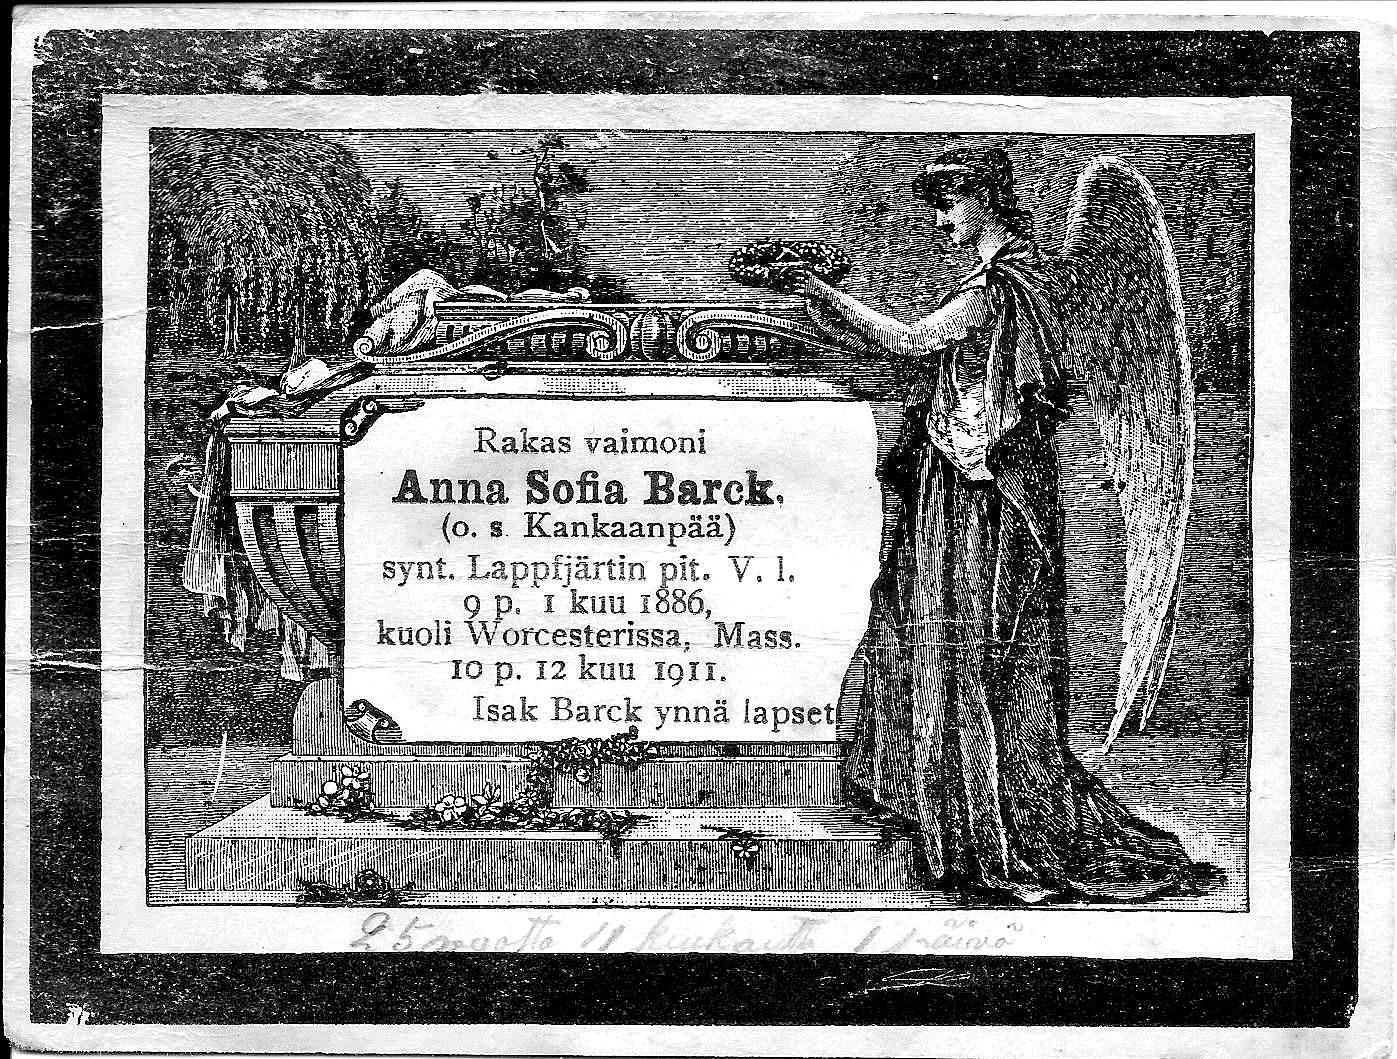 När Johannes Hällbacks äldsta syster Anna Sofia dog i Amerika så skickade hennes man Isak Barck ett sådant här kort åt släktingarna i Finland. Eftersom texten är tryckt så gjordes det säkert flera kort som skickades åt anhöriga. Så här gjorde man alltså förr när det fanns varken telefon eller e-post.